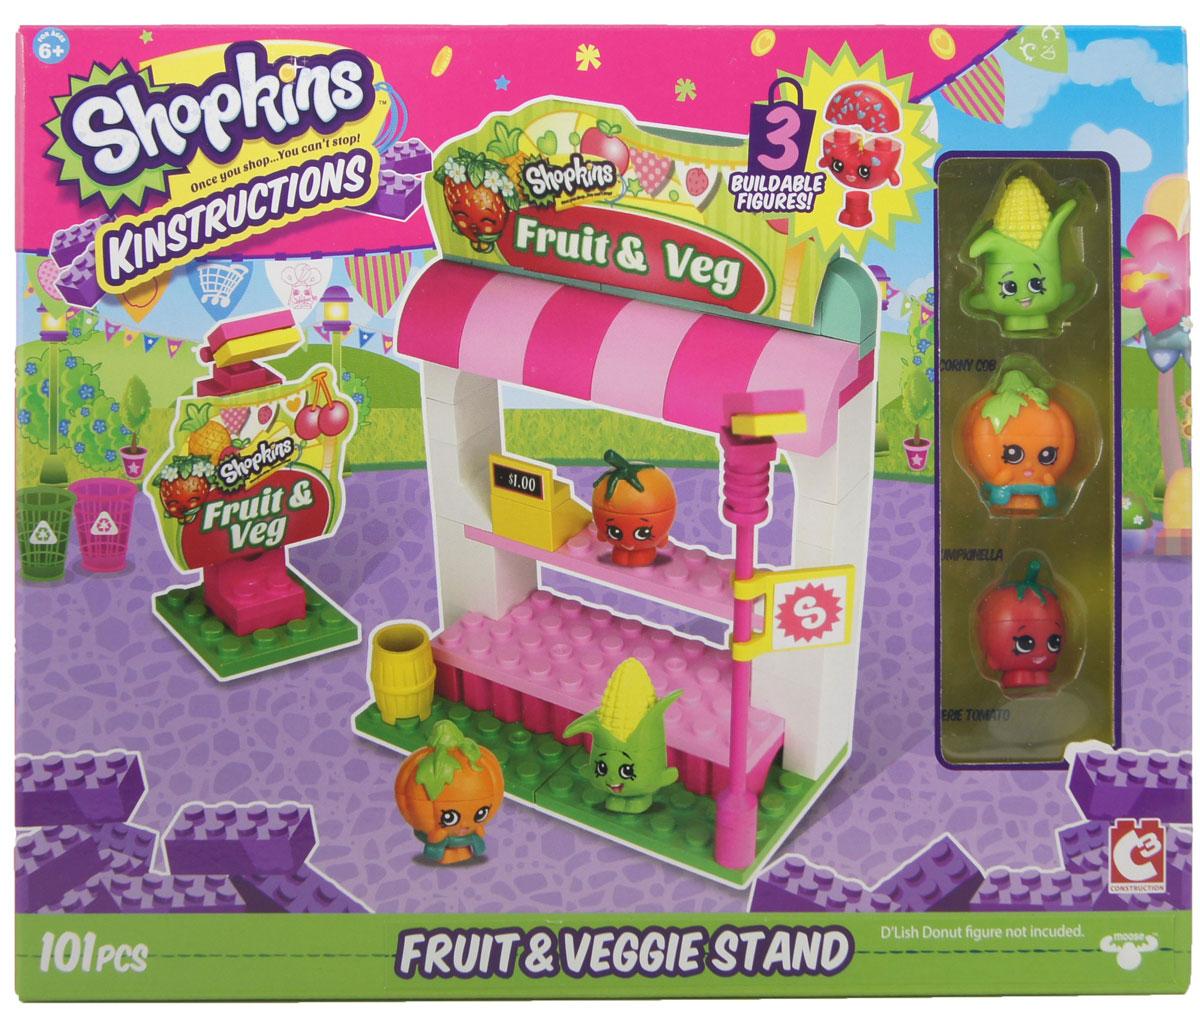 Shopkins Конструктор Овощная лавка37327ast37326С помощью конструктора Shopkins Овощная лавка вы сможете собрать свой супермаркет Шопвиля с любимыми героями. Шопкинсы - это малыши-овощи и фрукты, которые любят ходить за покупками. Набор включает в себя 101 разноцветный пластиковый элемент. Конструктор - это один из самых увлекательных и веселых способов времяпрепровождения. Ребенок сможет часами играть с конструктором, придумывая различные ситуации и истории. Уникальность набора в том, что он, как и все остальные игрушки Shopkins превосходно сочетаются с элементами конструкторов от множества популярных брендов, среди которых и LEGO.